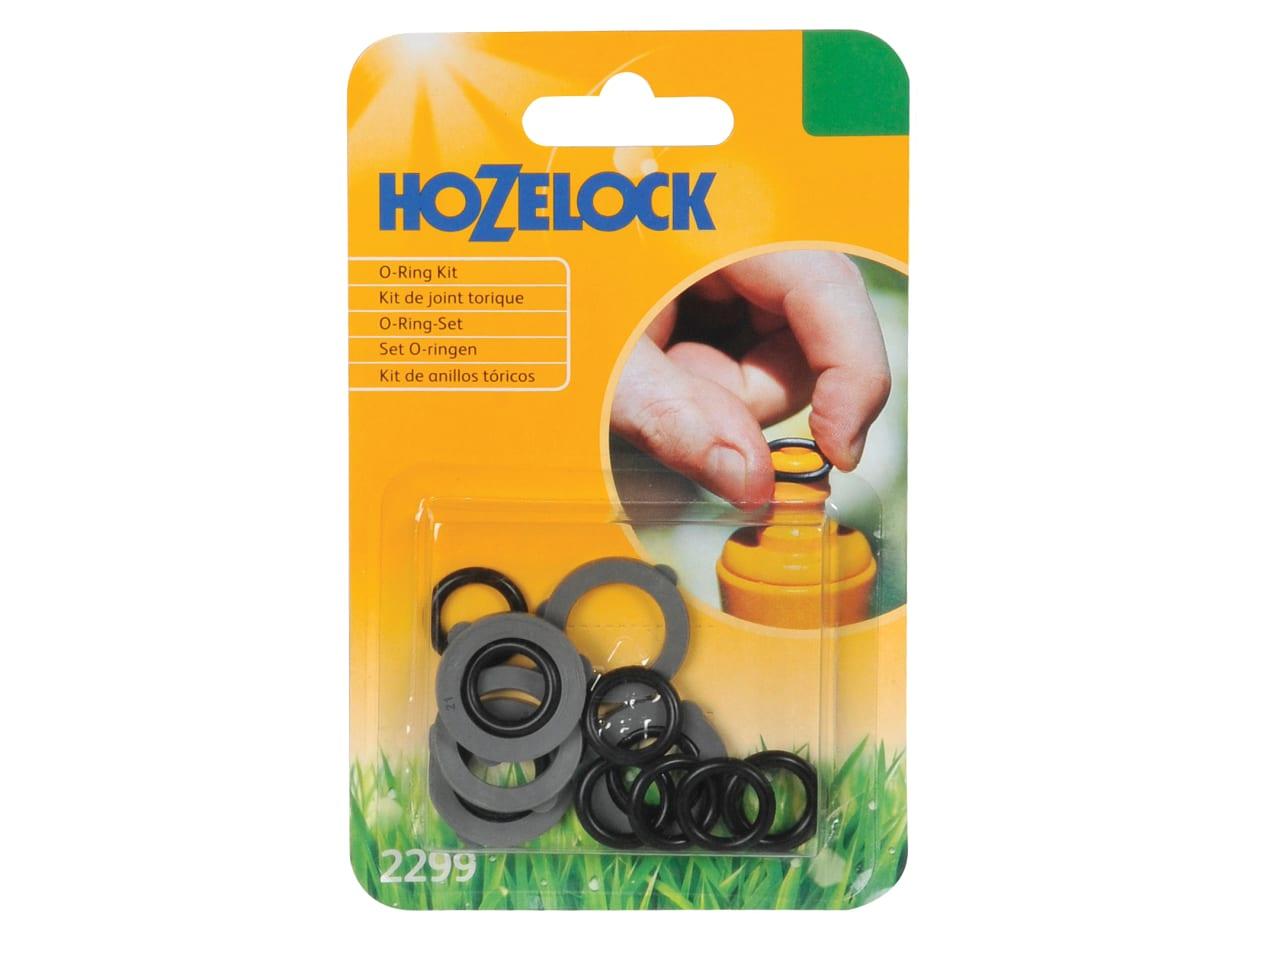 HOZELOCK 2299 O-RING PACK (10 O RING + 5 WASHERS)